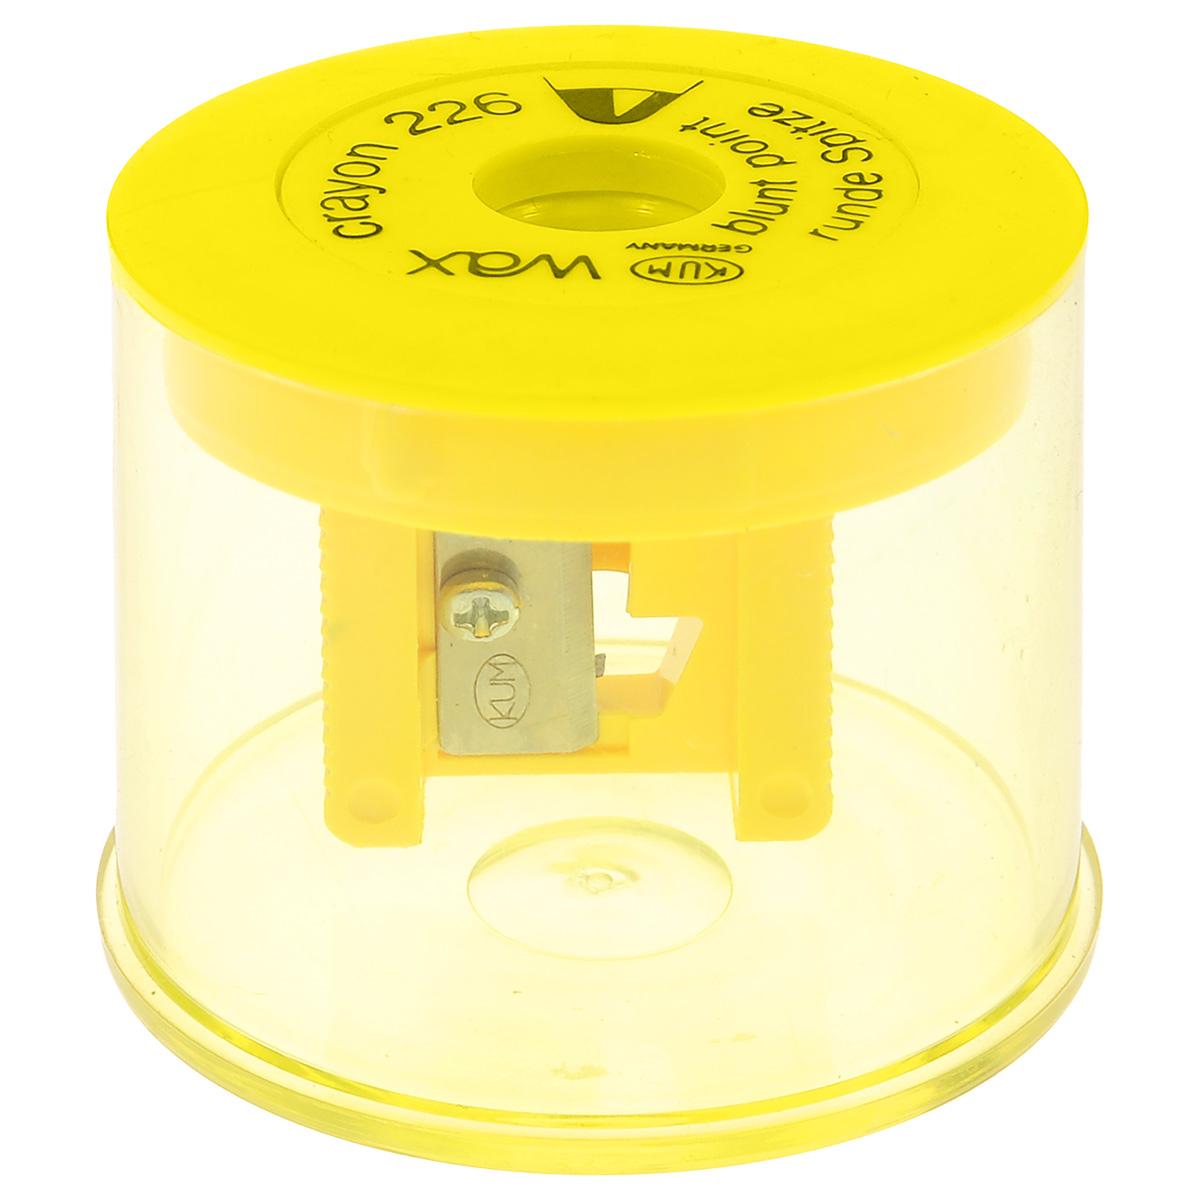 Точилка с контейнером Kum, для восковых мелков, цвет: желтыйK-226WaxTТочилка Kum предназначена для затачивания восковых мелков. Изделие выполнено в виде пластикового контейнера желтого цвета с точилкой на крышке. Точилка с одним отверстием диаметром 11 мм аккуратно затачивает мелок, не повреждая и не ломая его. Точилка Kum станет важной канцелярской принадлежностью на каждом рабочем столе.